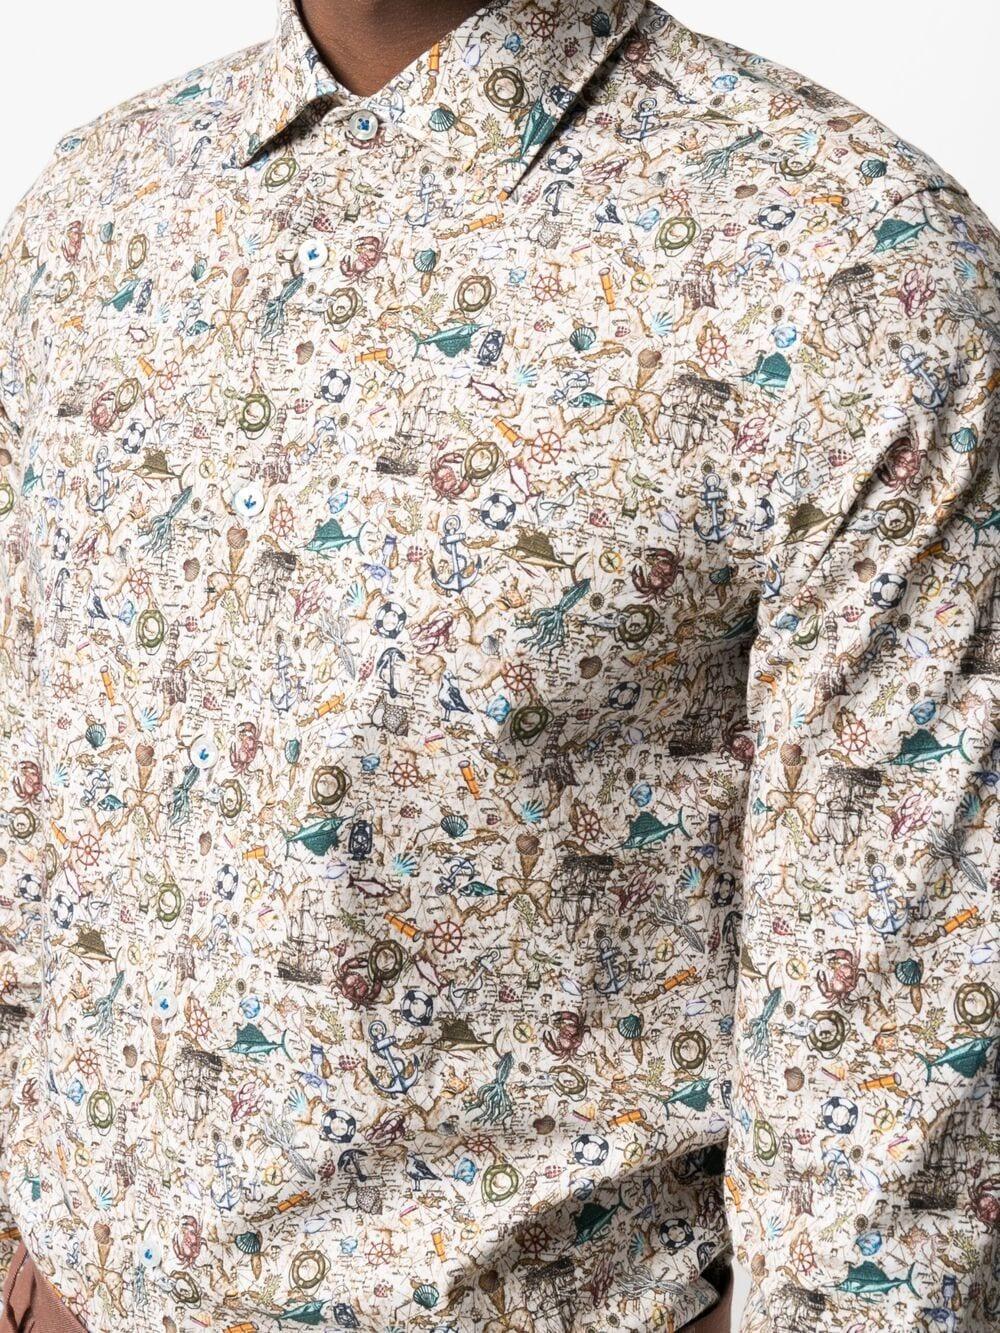 Camicia a stampa floreale in cotone multicolor MANUEL RITZ | Camicie | 3032E602L-21325225